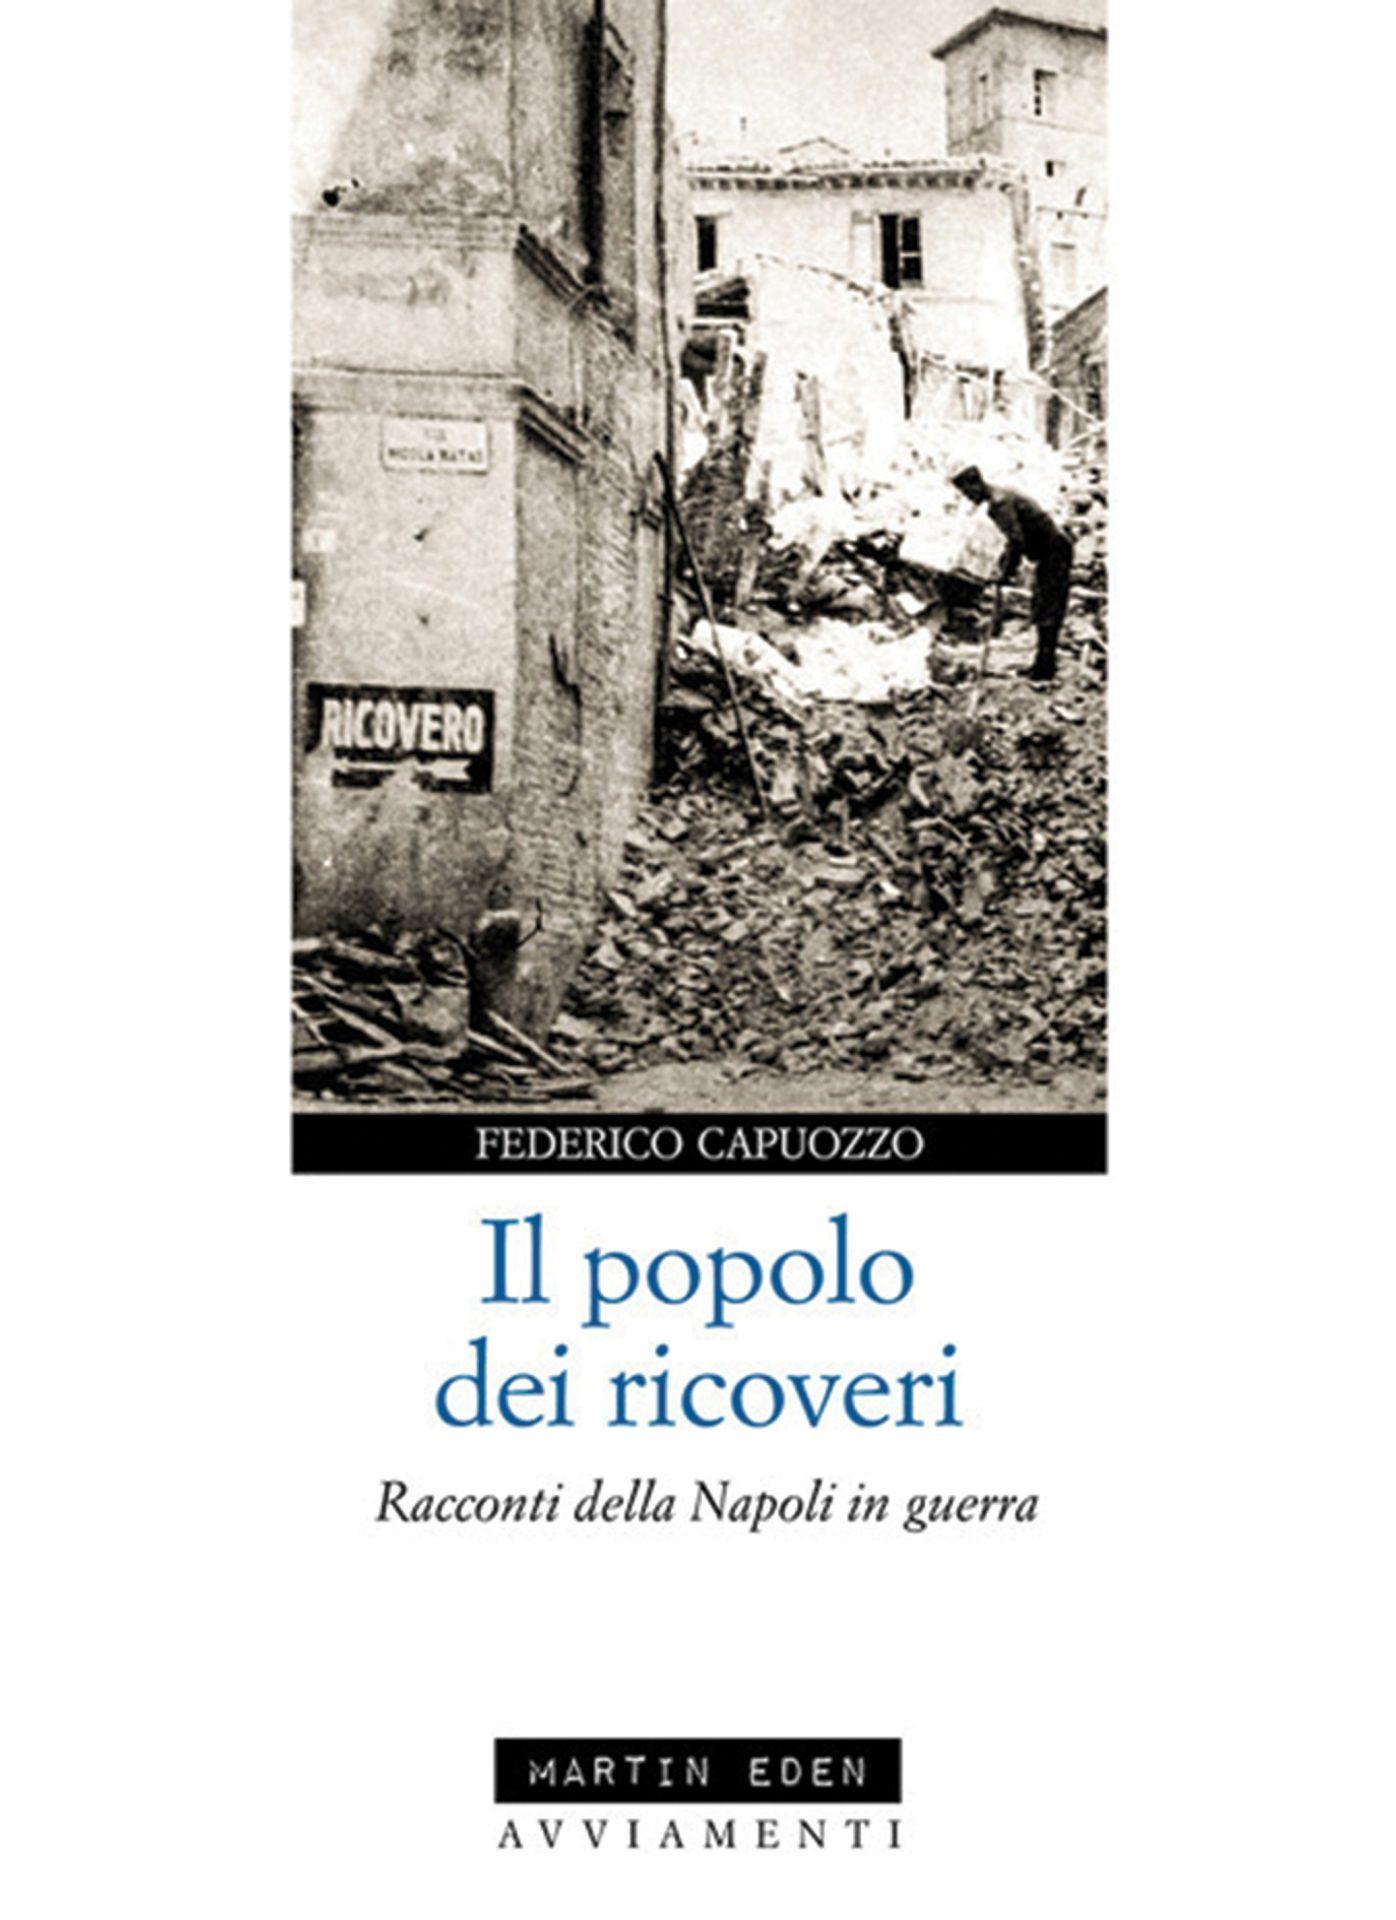 Federico Capuozzo, Il popolo dei ricoveri. Racconti della Napoli in guerra (Martin Eden, 2020)